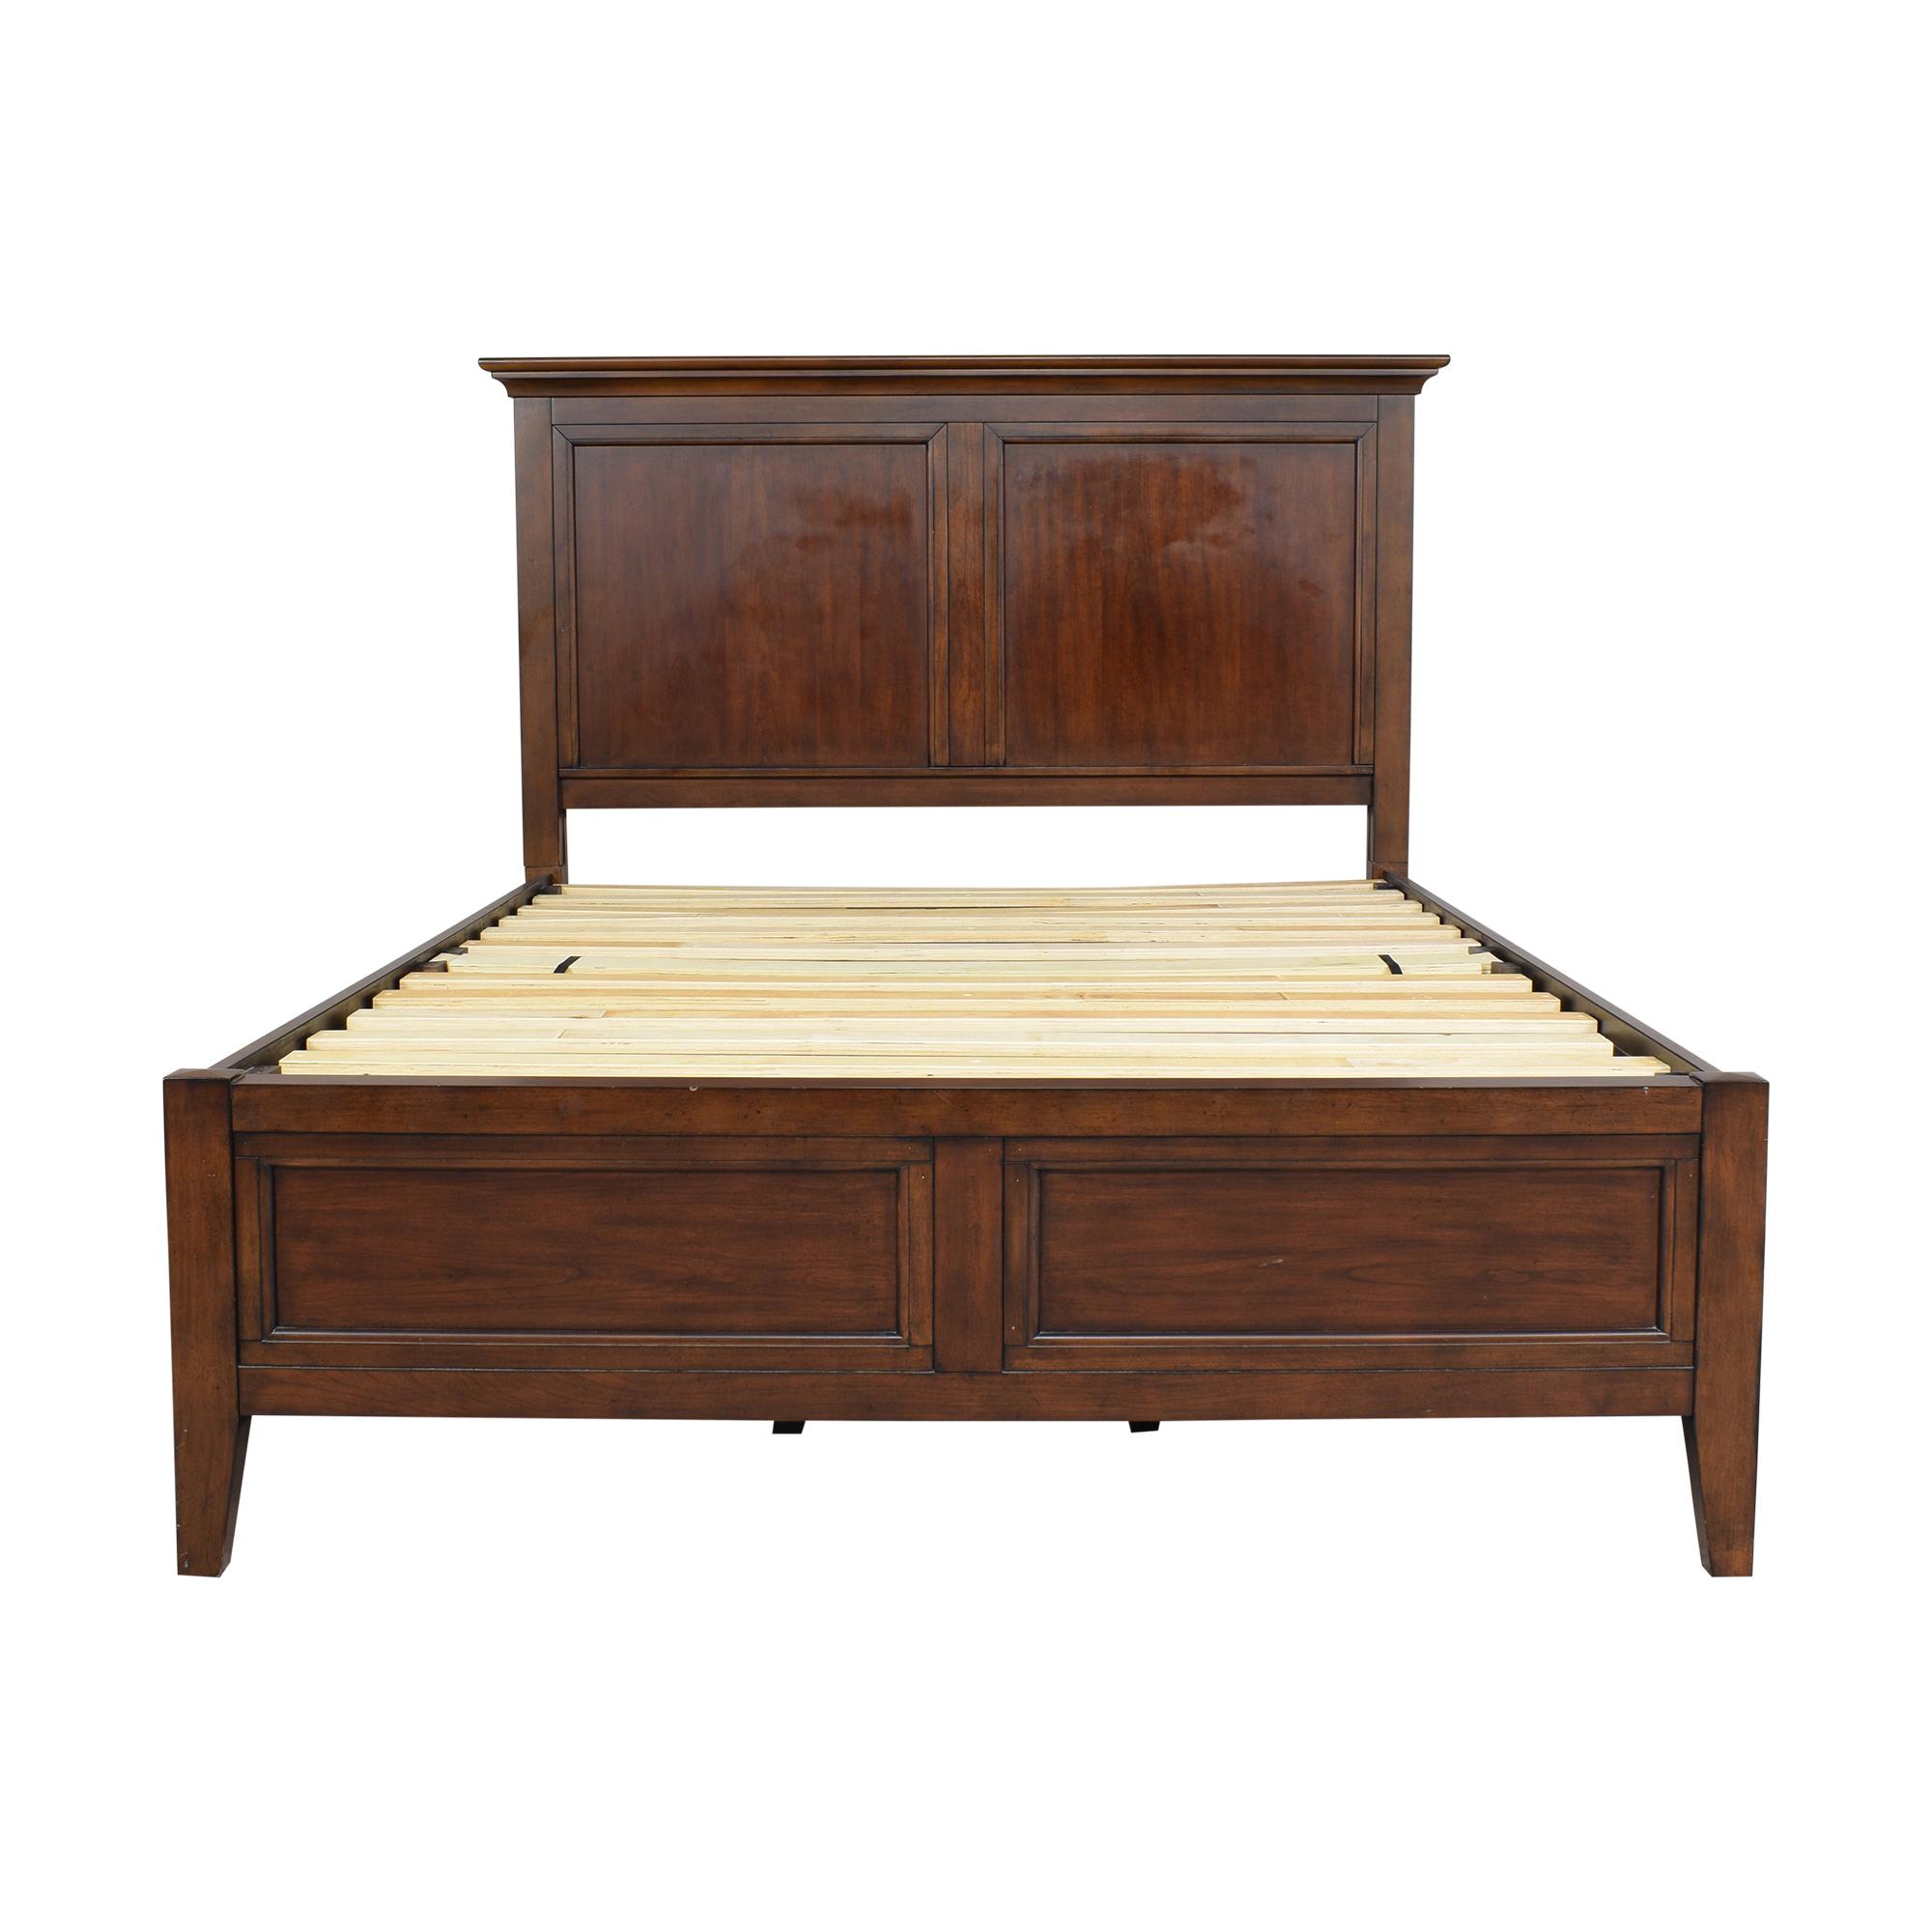 Macy's Macy's Matteo Storage Platform Queen Bed Beds